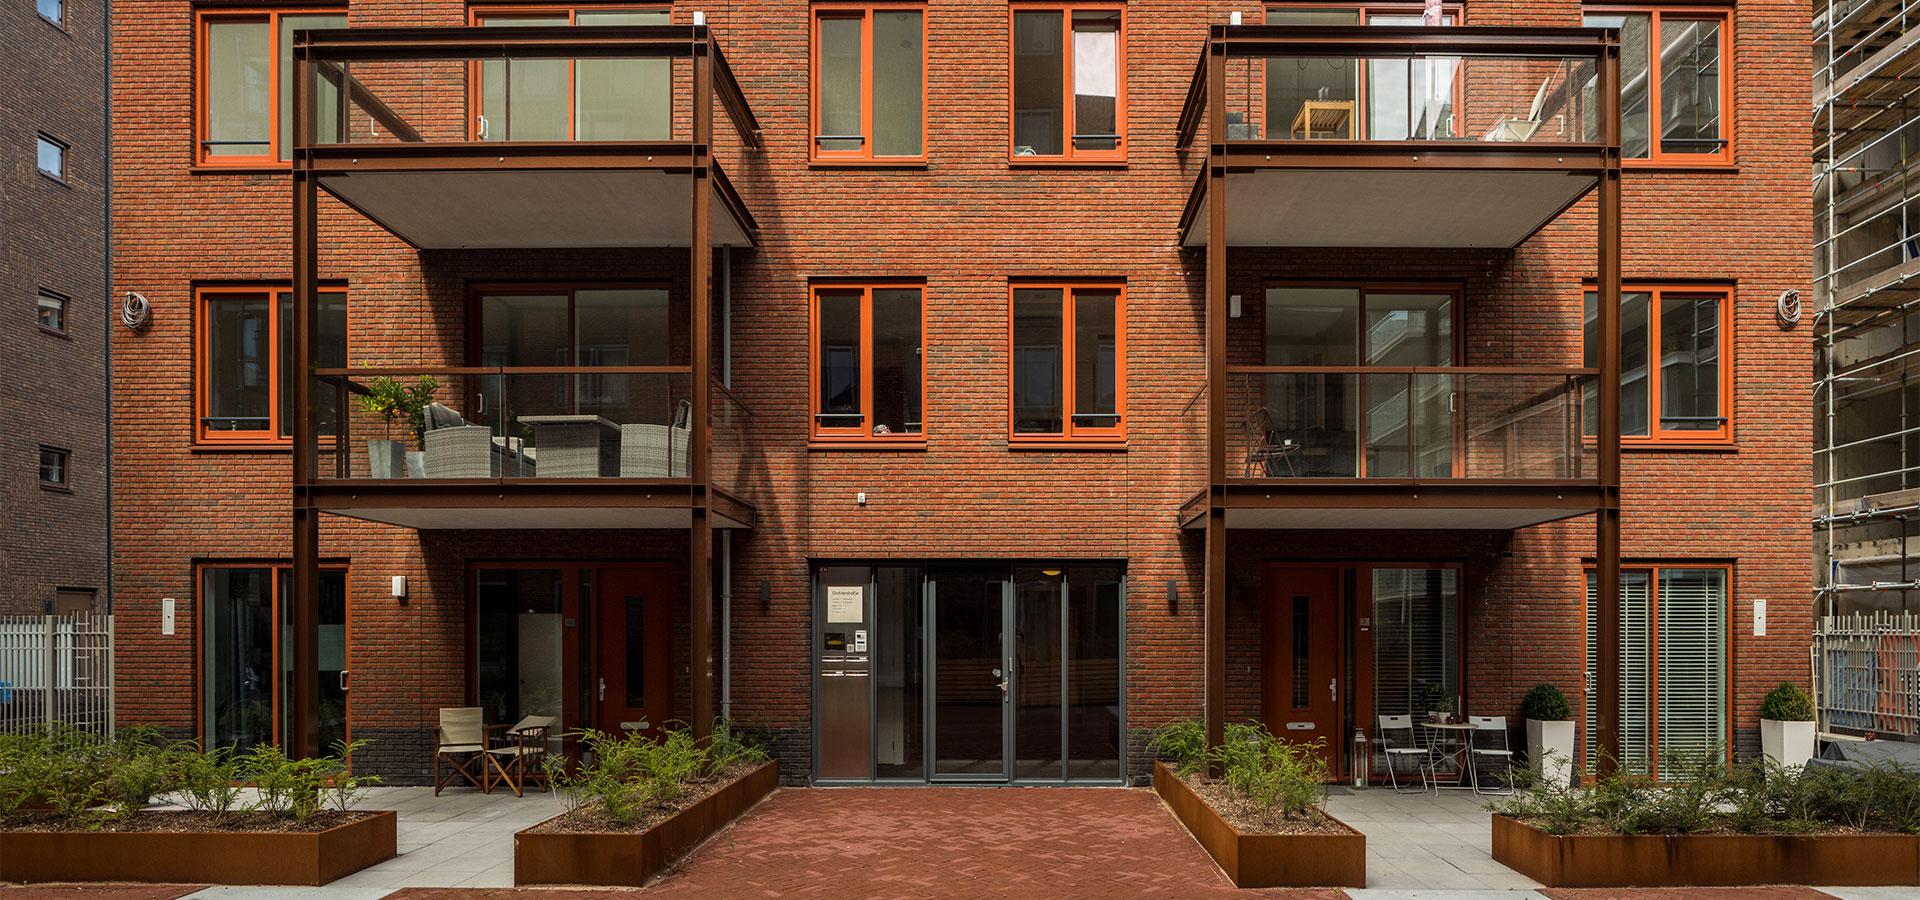 FARO architecten Kwintijn fase 2 Amsterdam 02